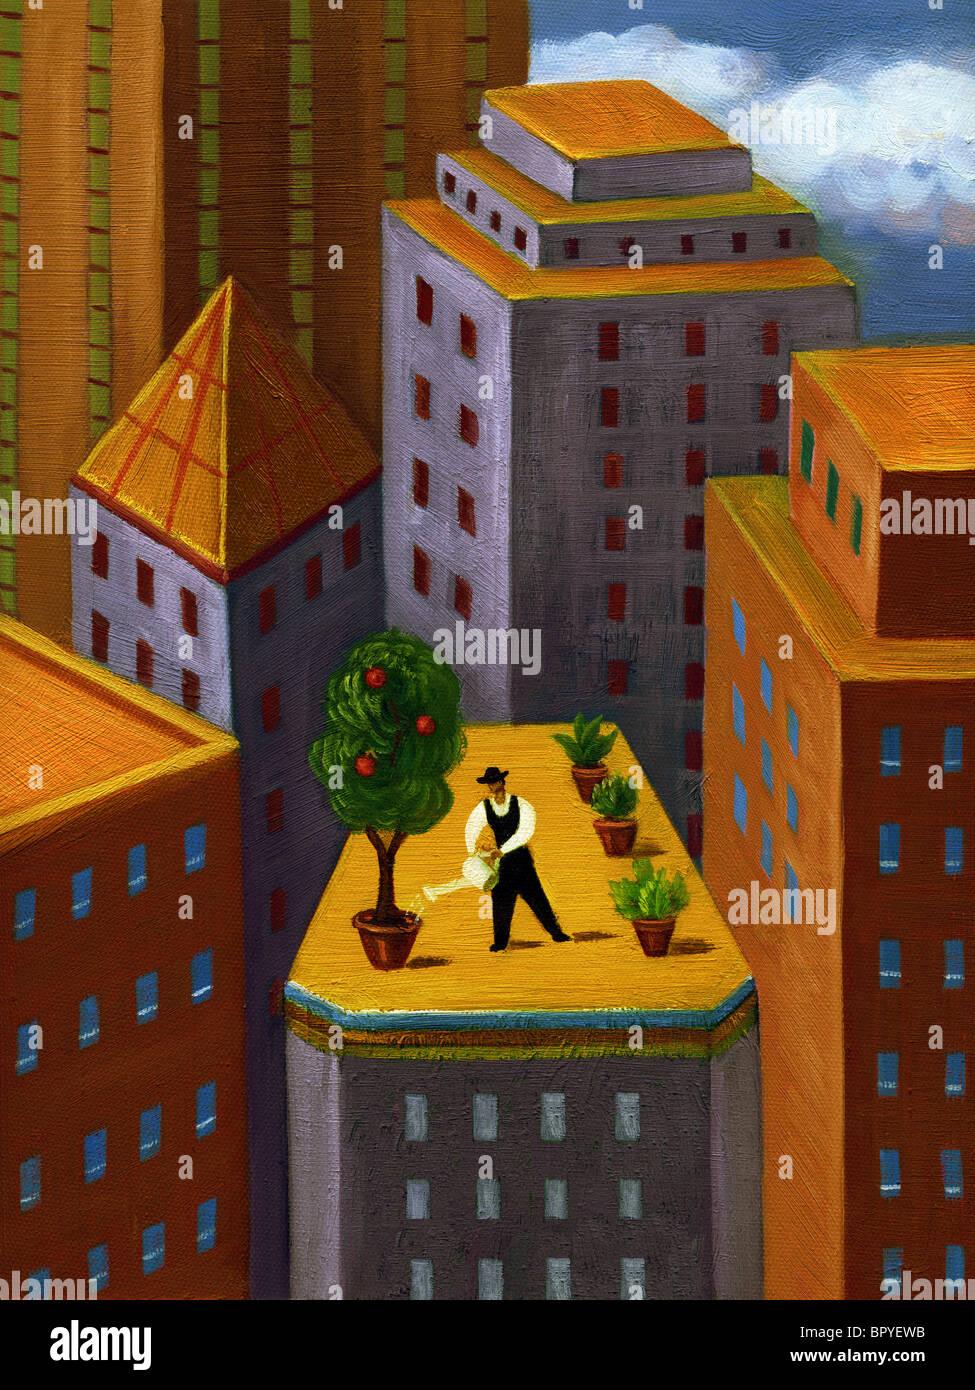 Ein Mann eine Gartenbewässerung oben auf einem Hochhaus in der Stadt Stockbild